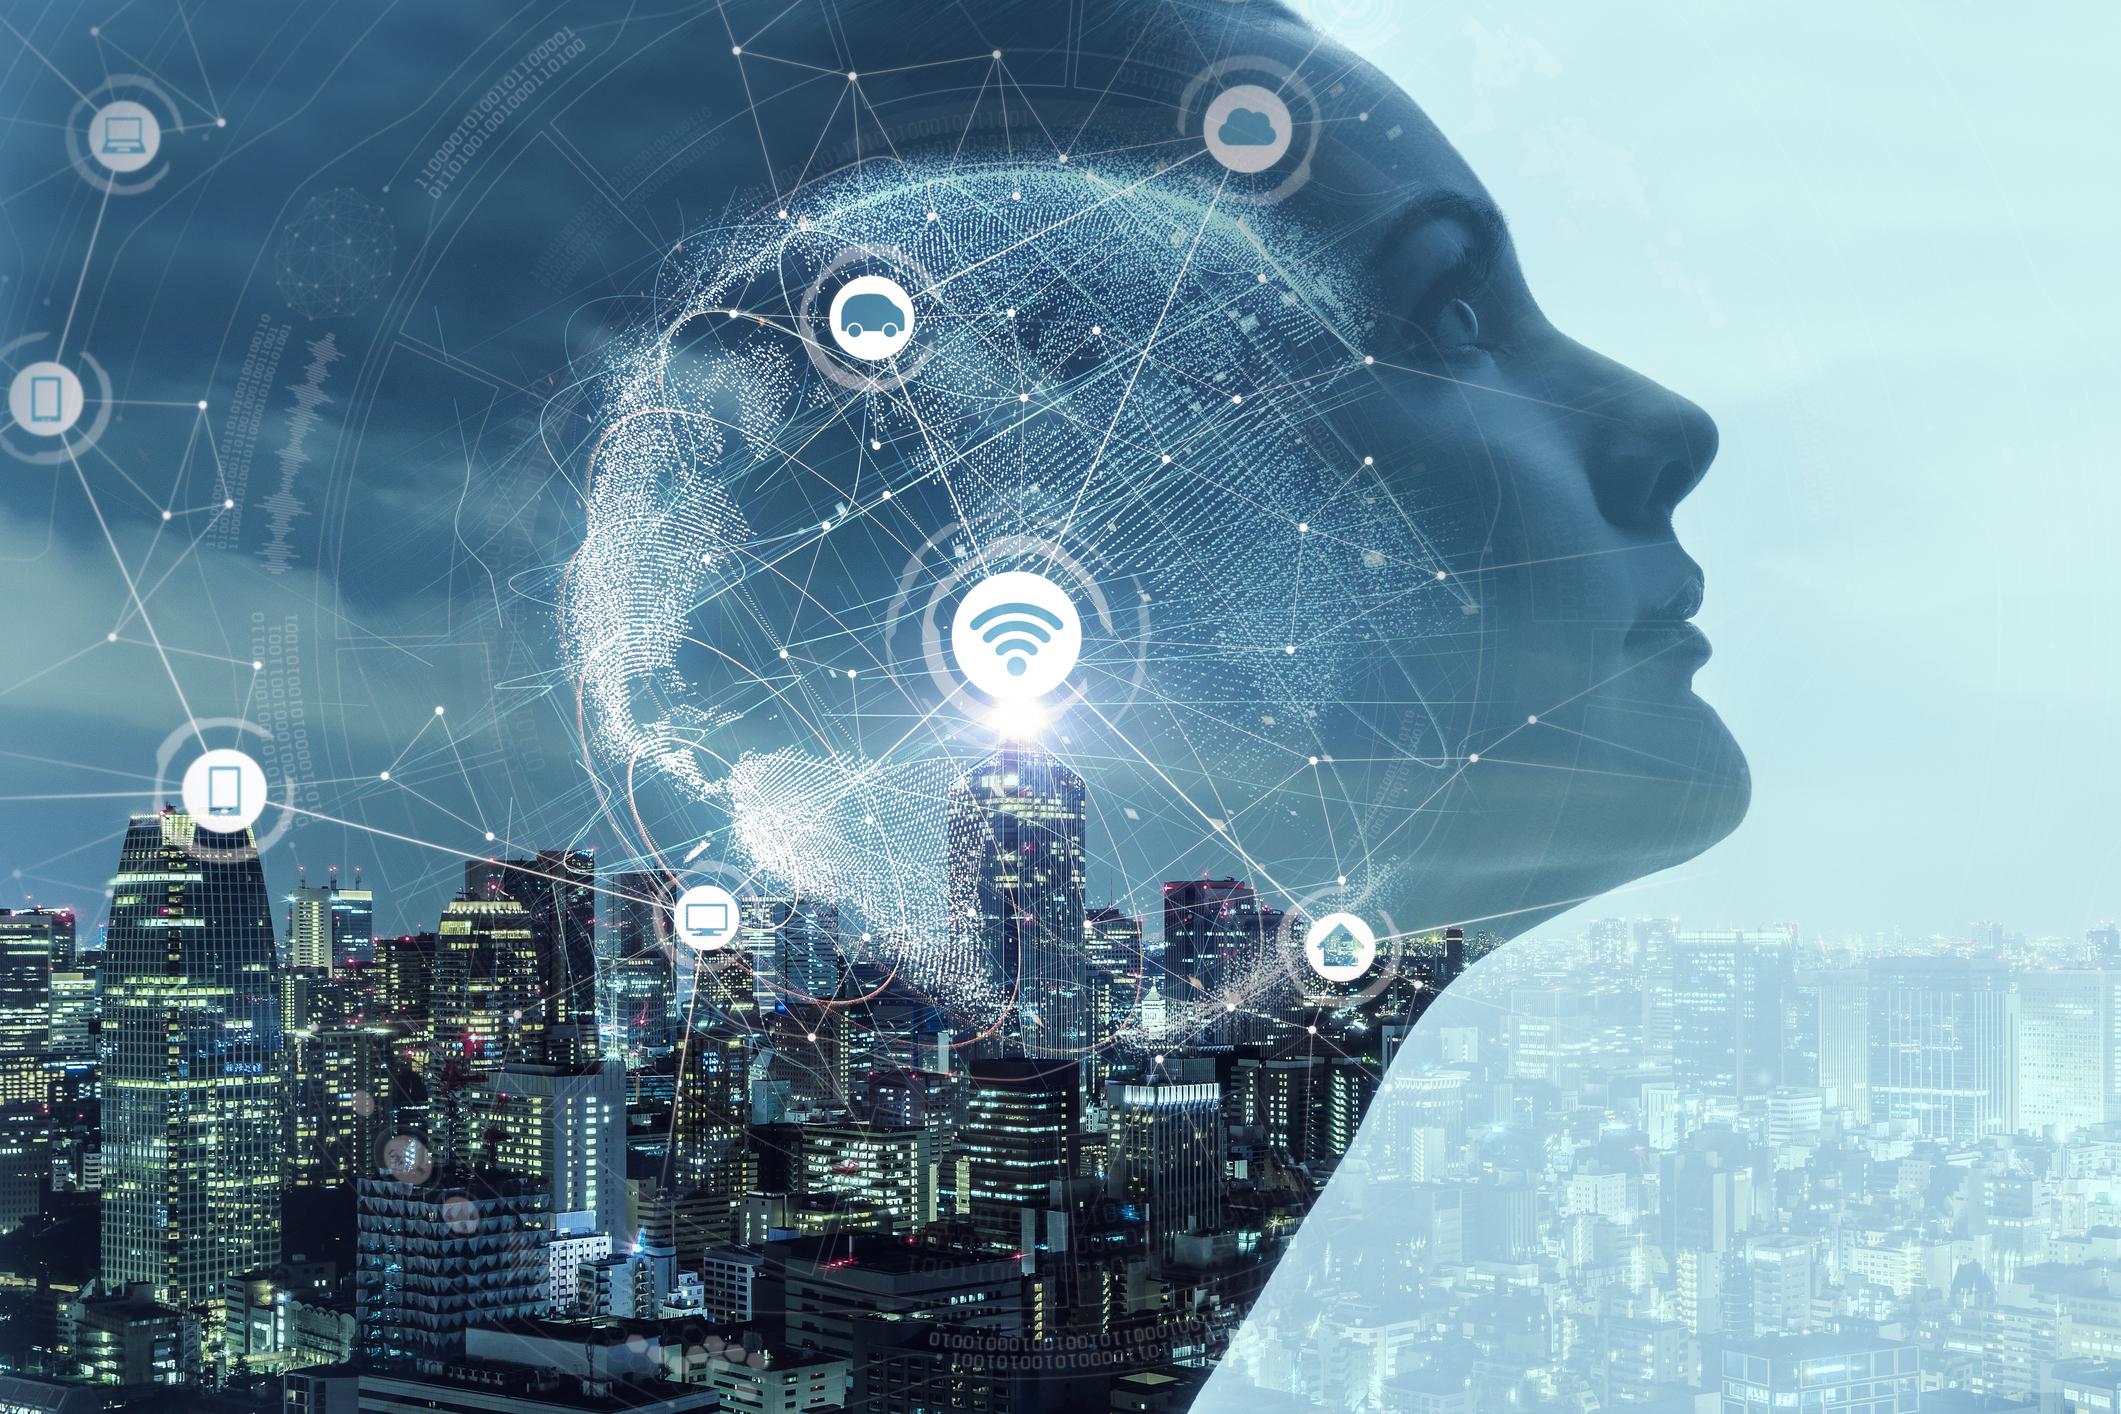 В Москве начнется внедрение искусственного интеллекта